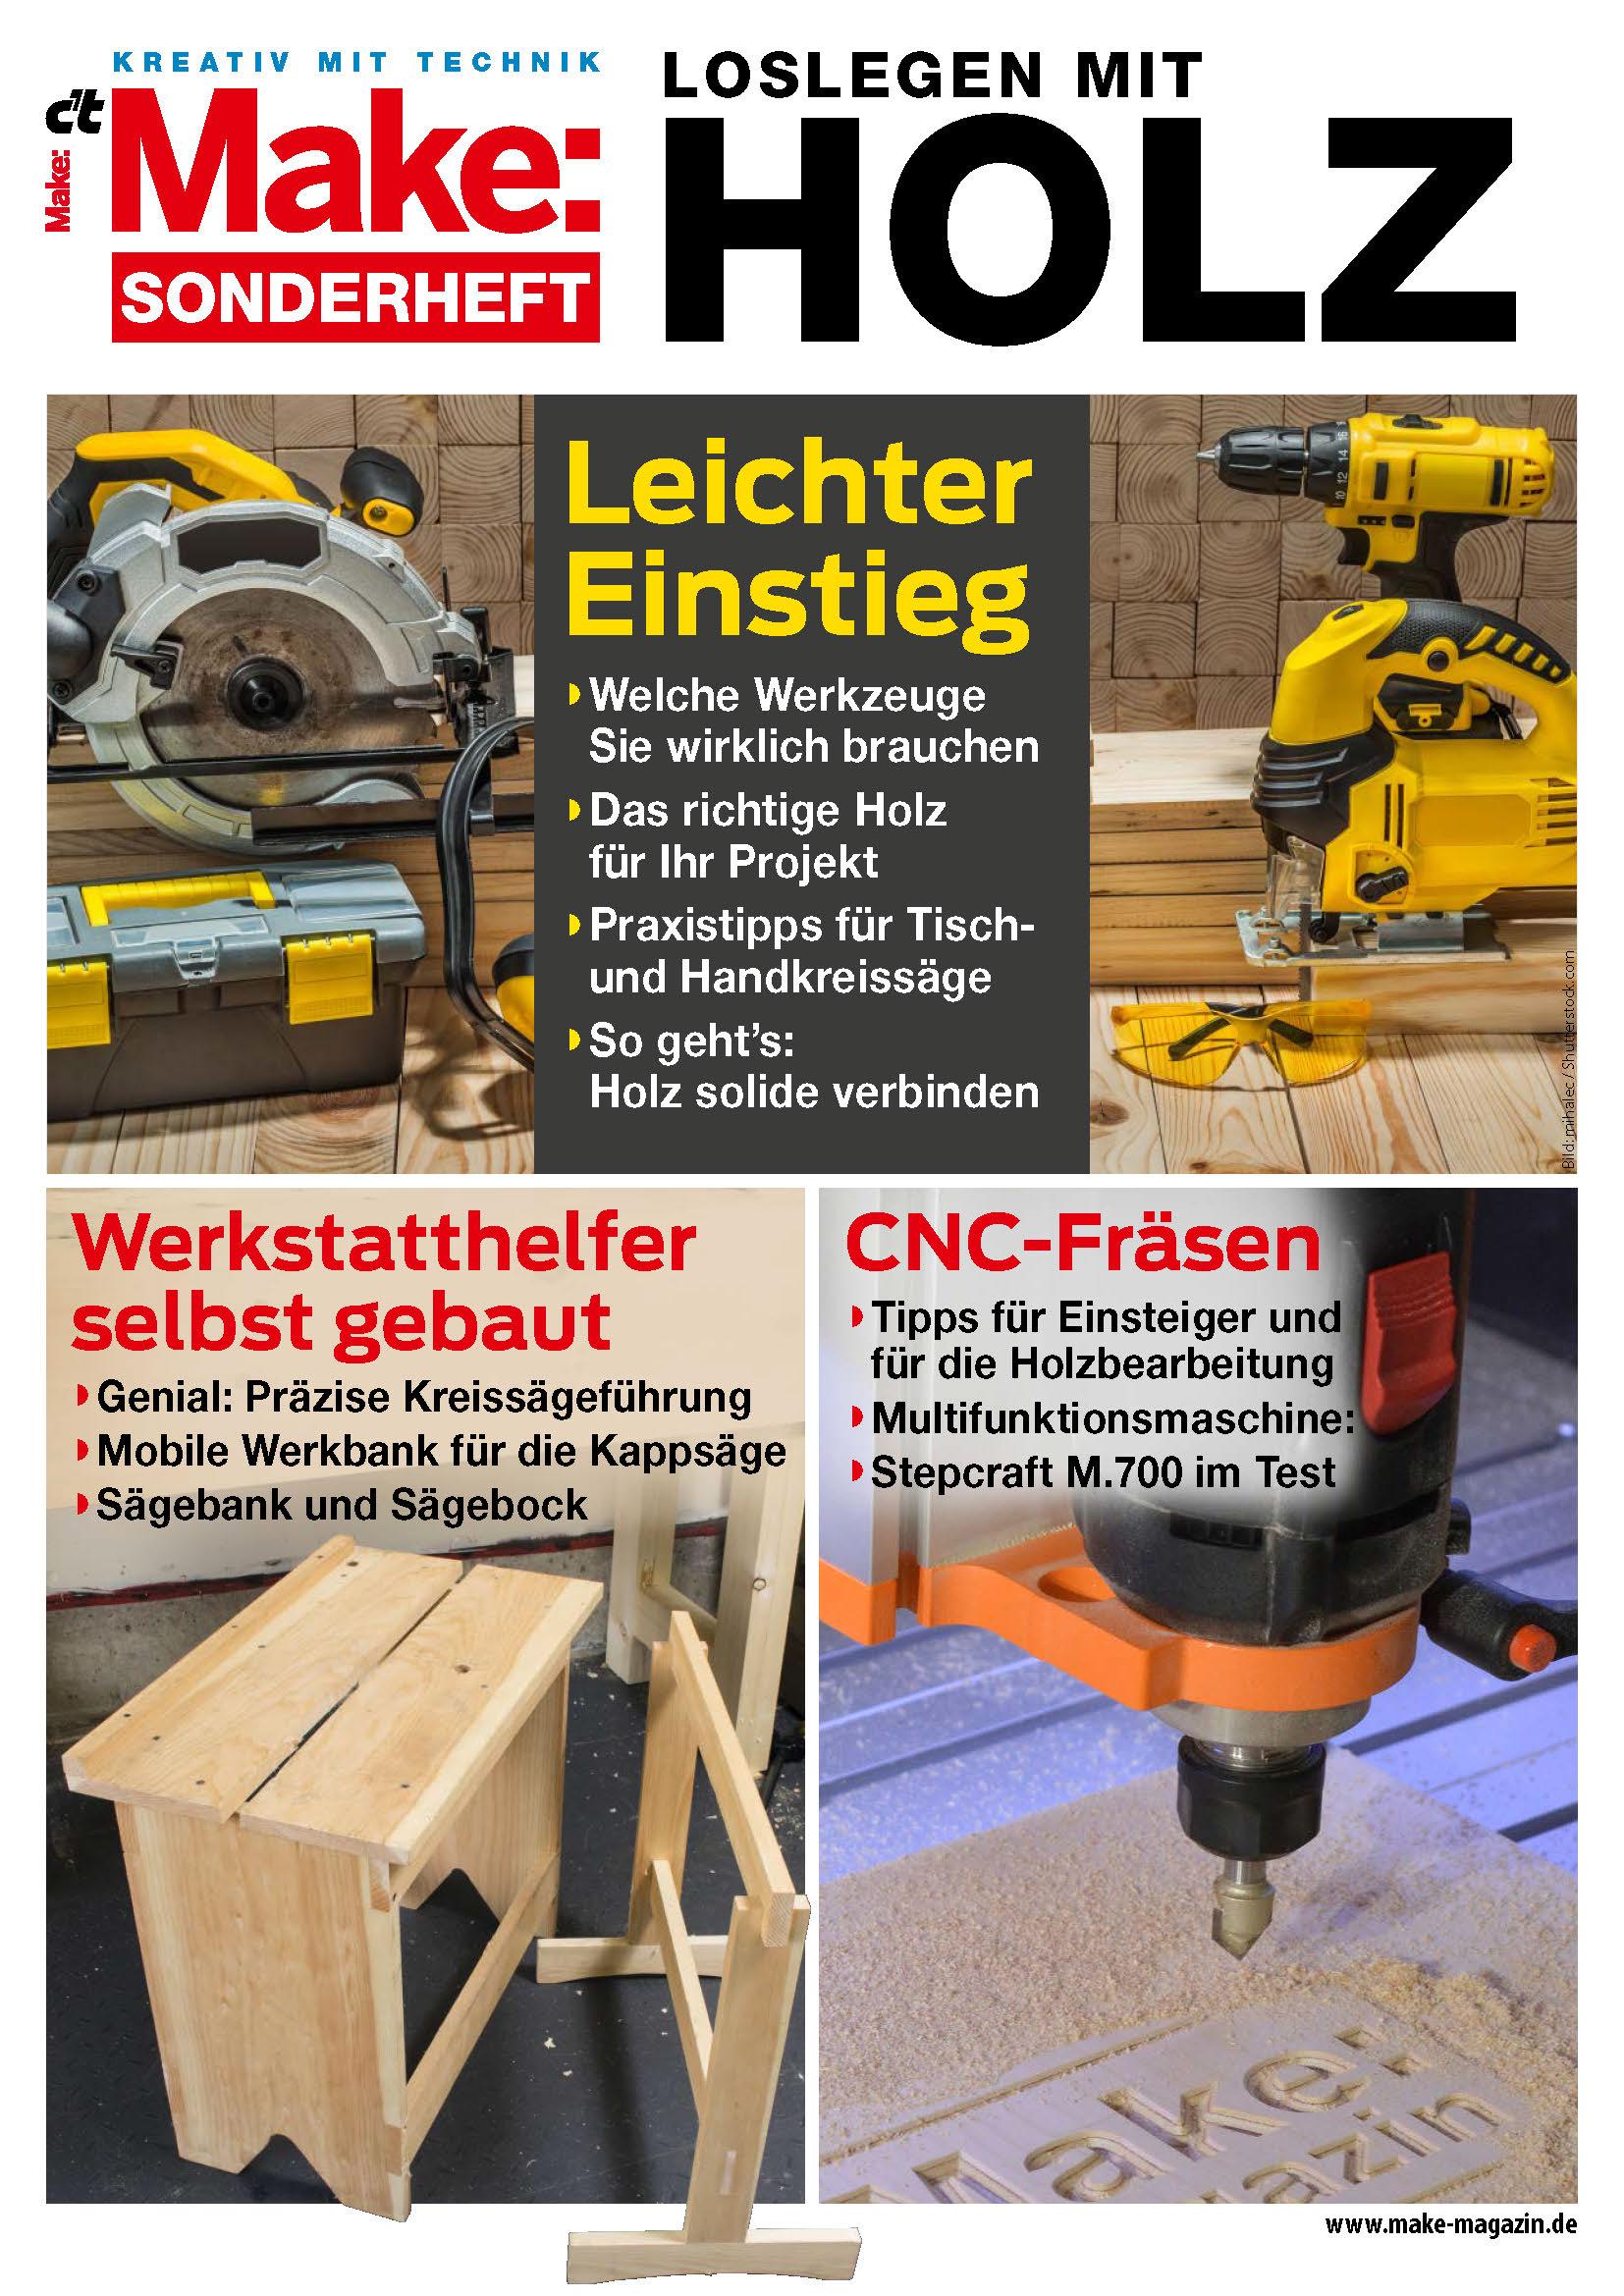 Make Sonderheft 2020 - Loslegen mit Holz